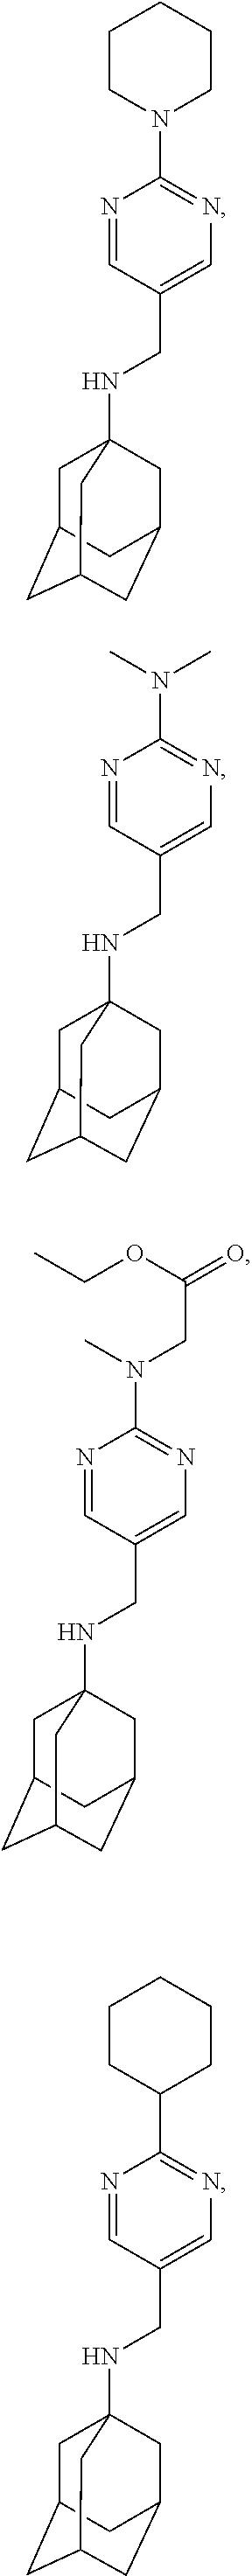 Figure US09884832-20180206-C00089